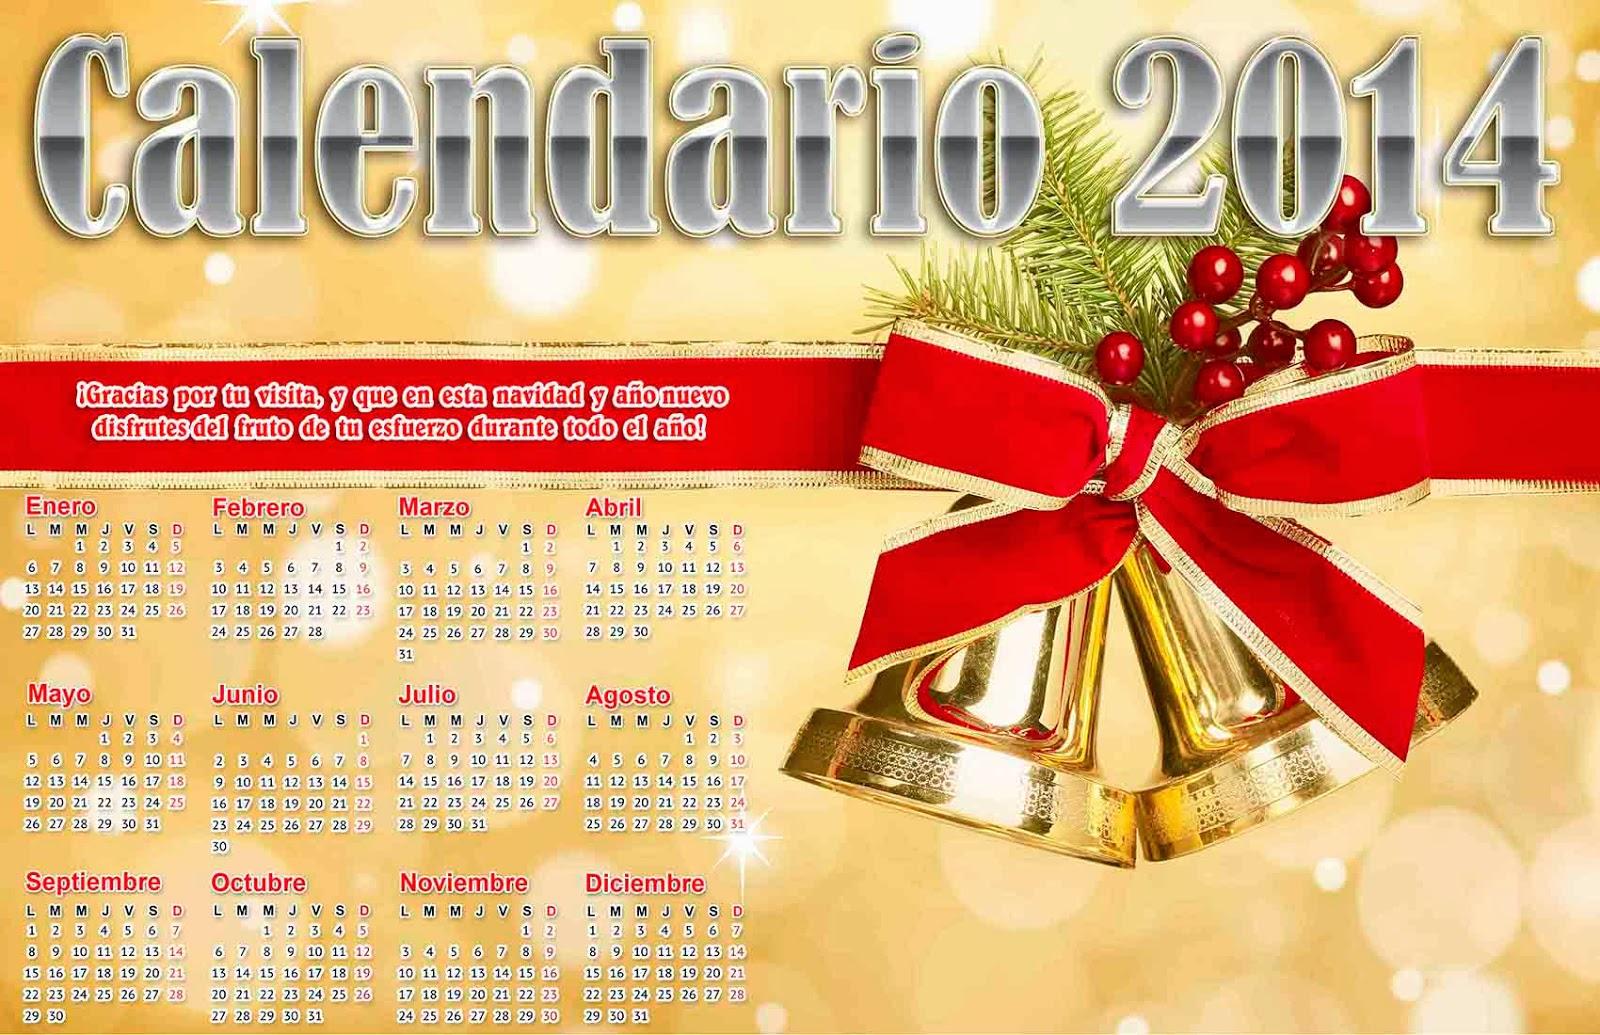 Calendario navideño 2014 - Calendarios 2019. Gratis y editables.